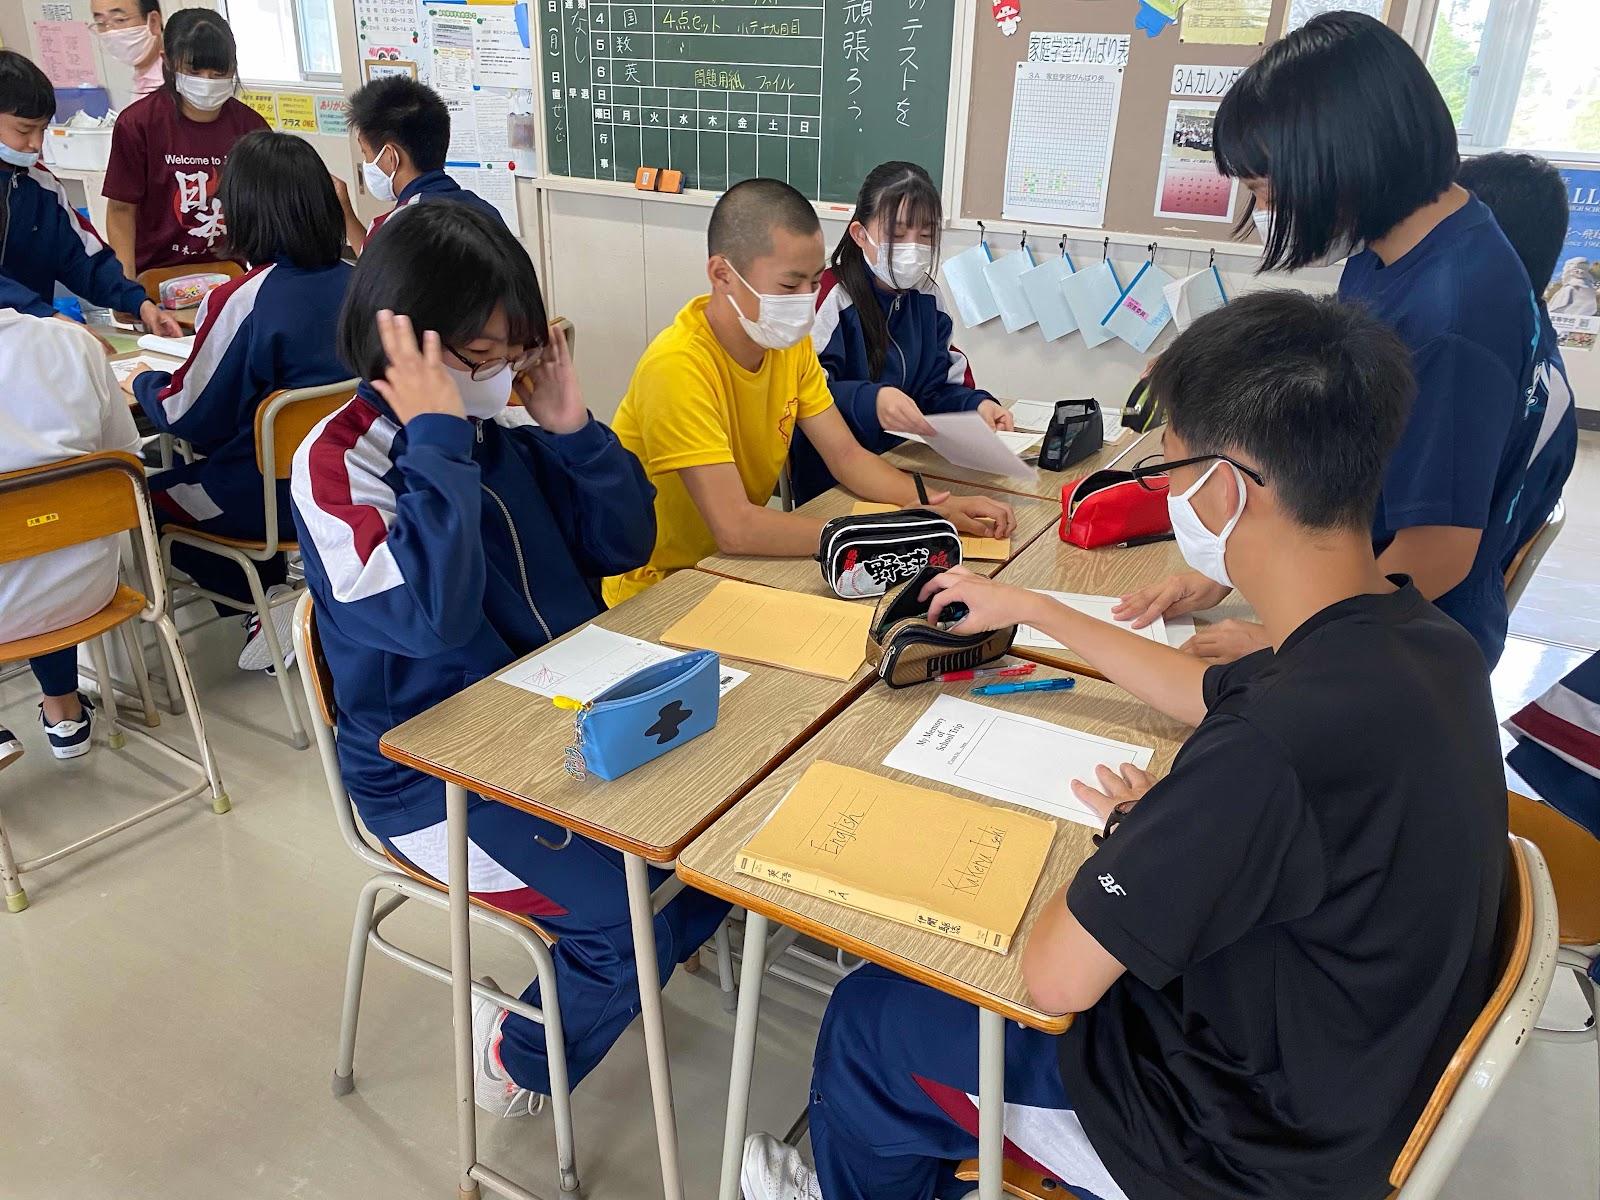 豊頃町立豊頃中学校の公式ブログ: 授業の様子(3年生 英語)